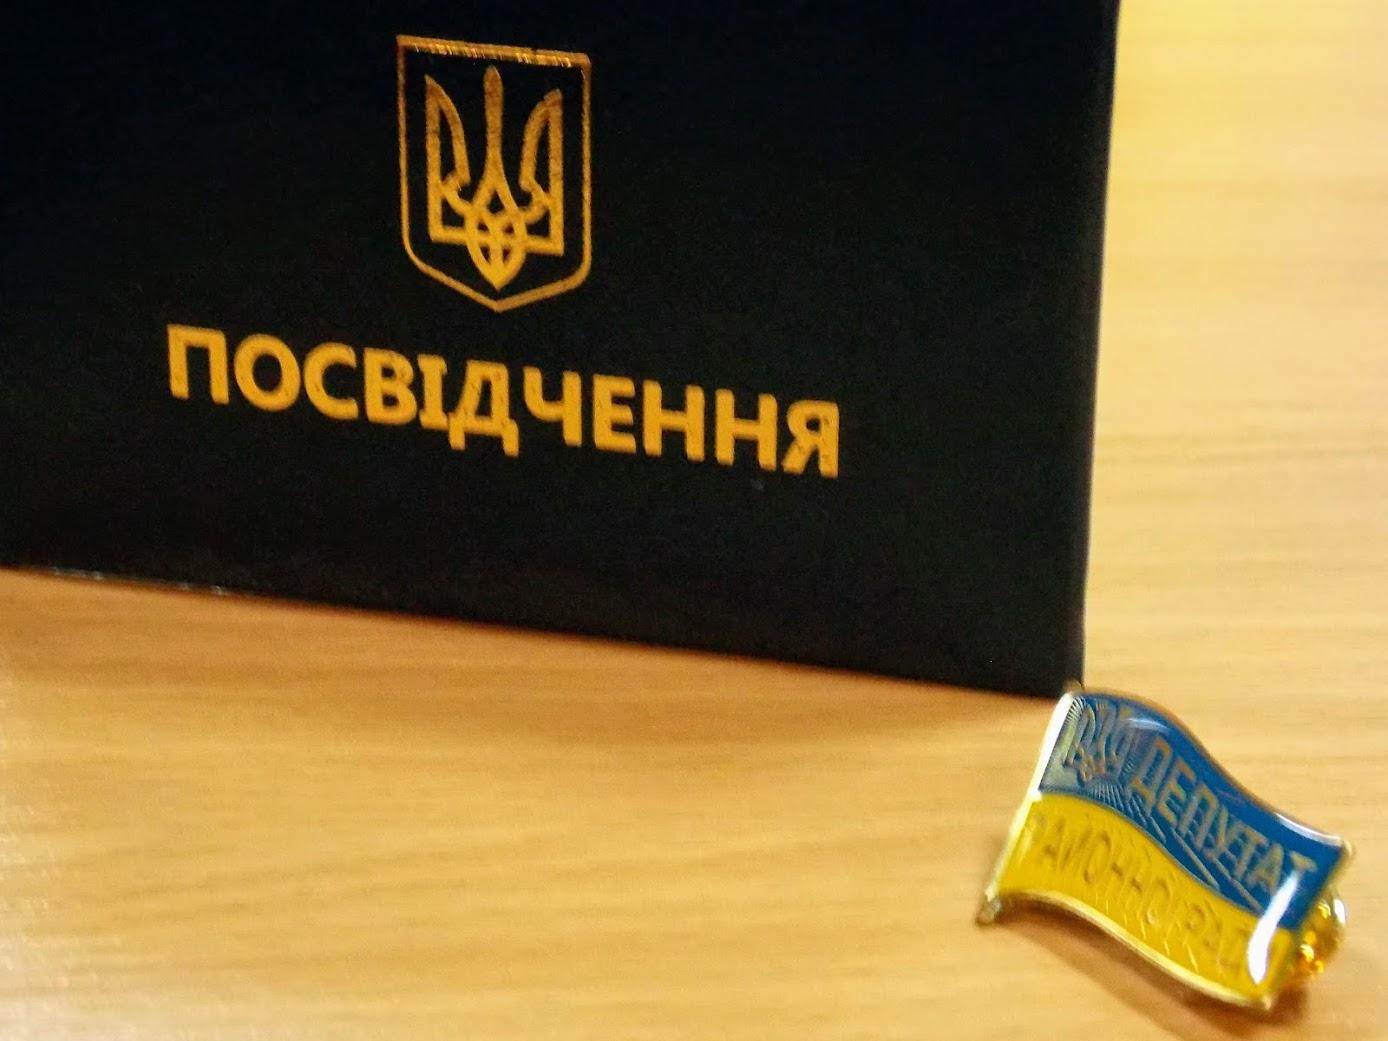 Сьогодні обрали заступника голови Хмільницької районної ради і створили депутатські комісії